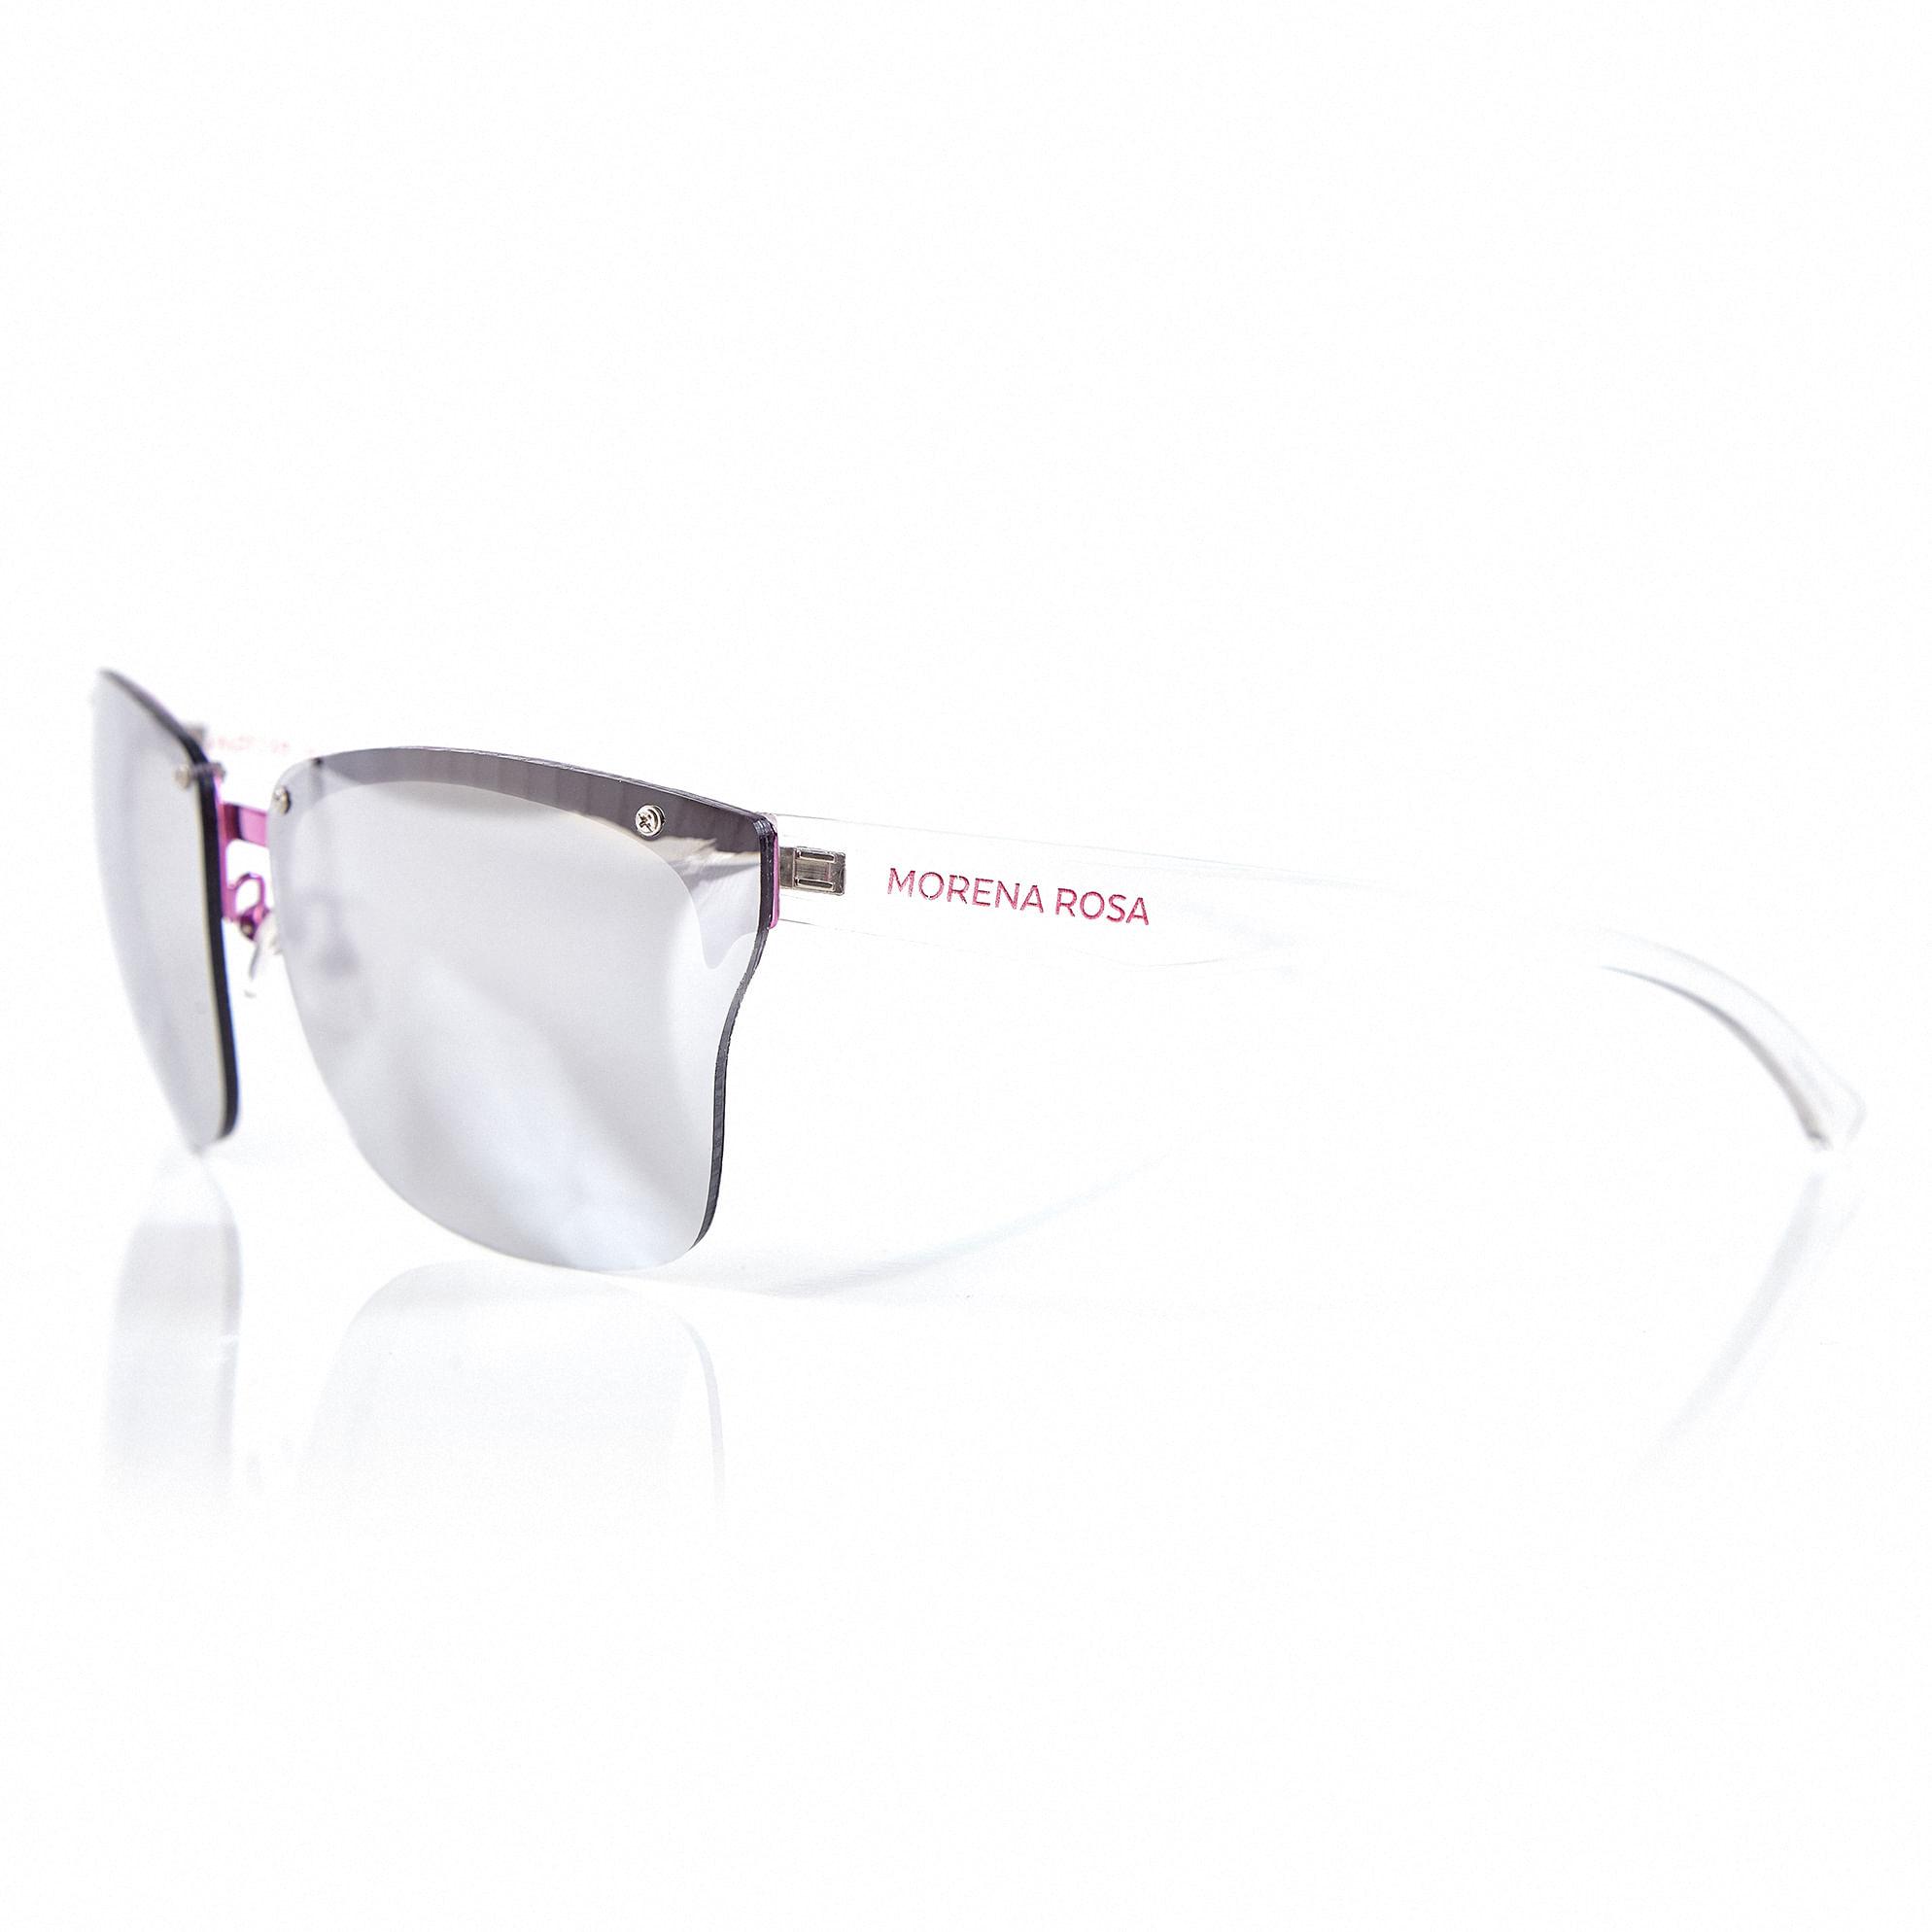 Oculos Quadrado Lente Espelhada A Fio Prata - morenarosa 6f68c4ef83